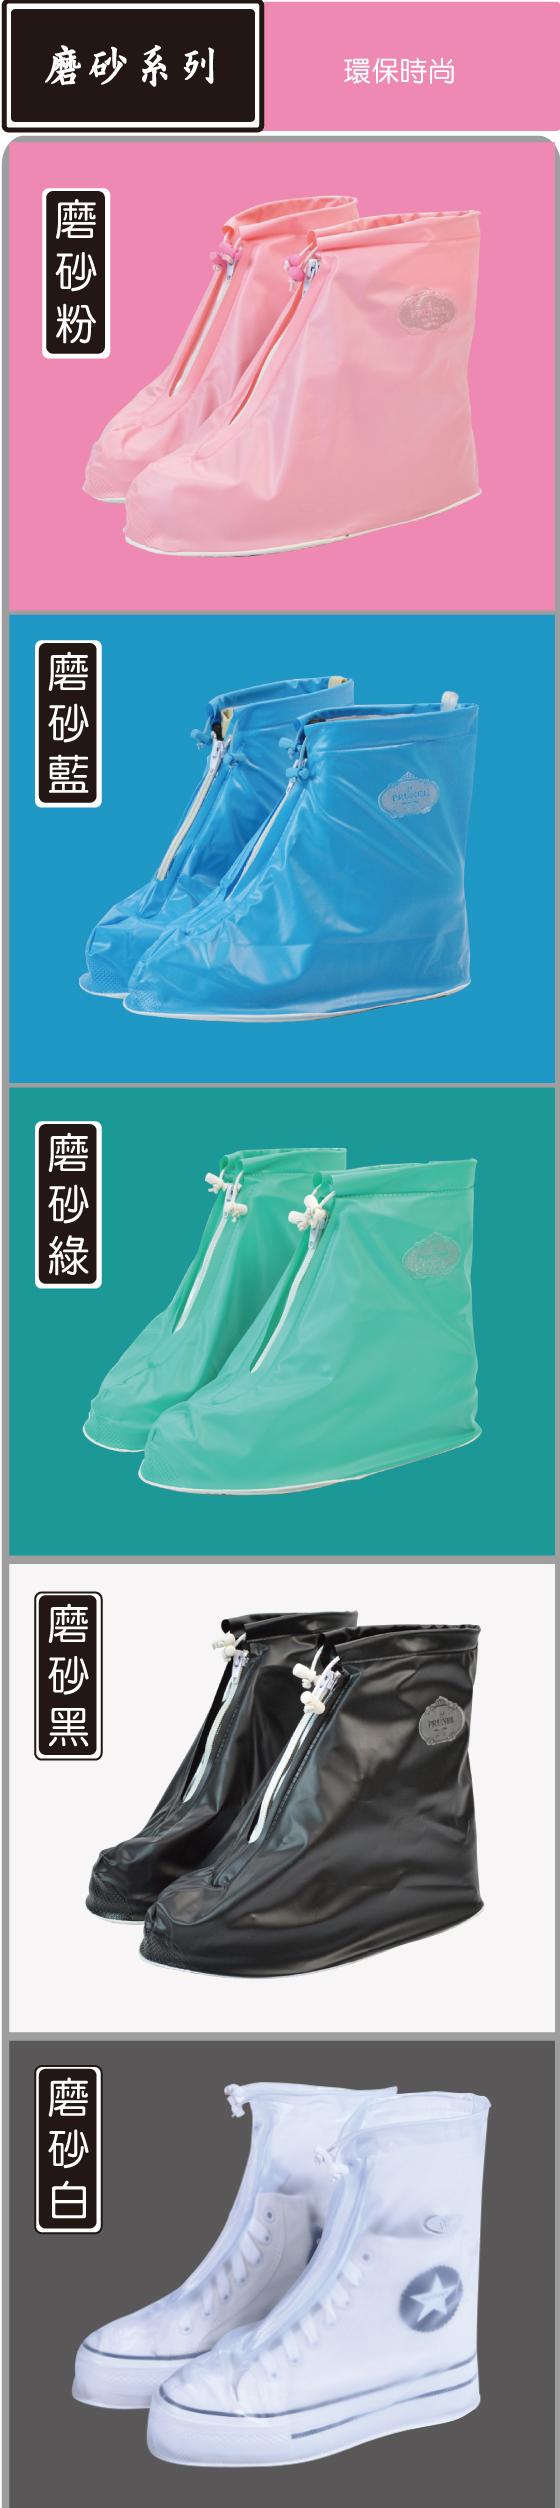 日事鮮彩時尚雨鞋套-08.jpg